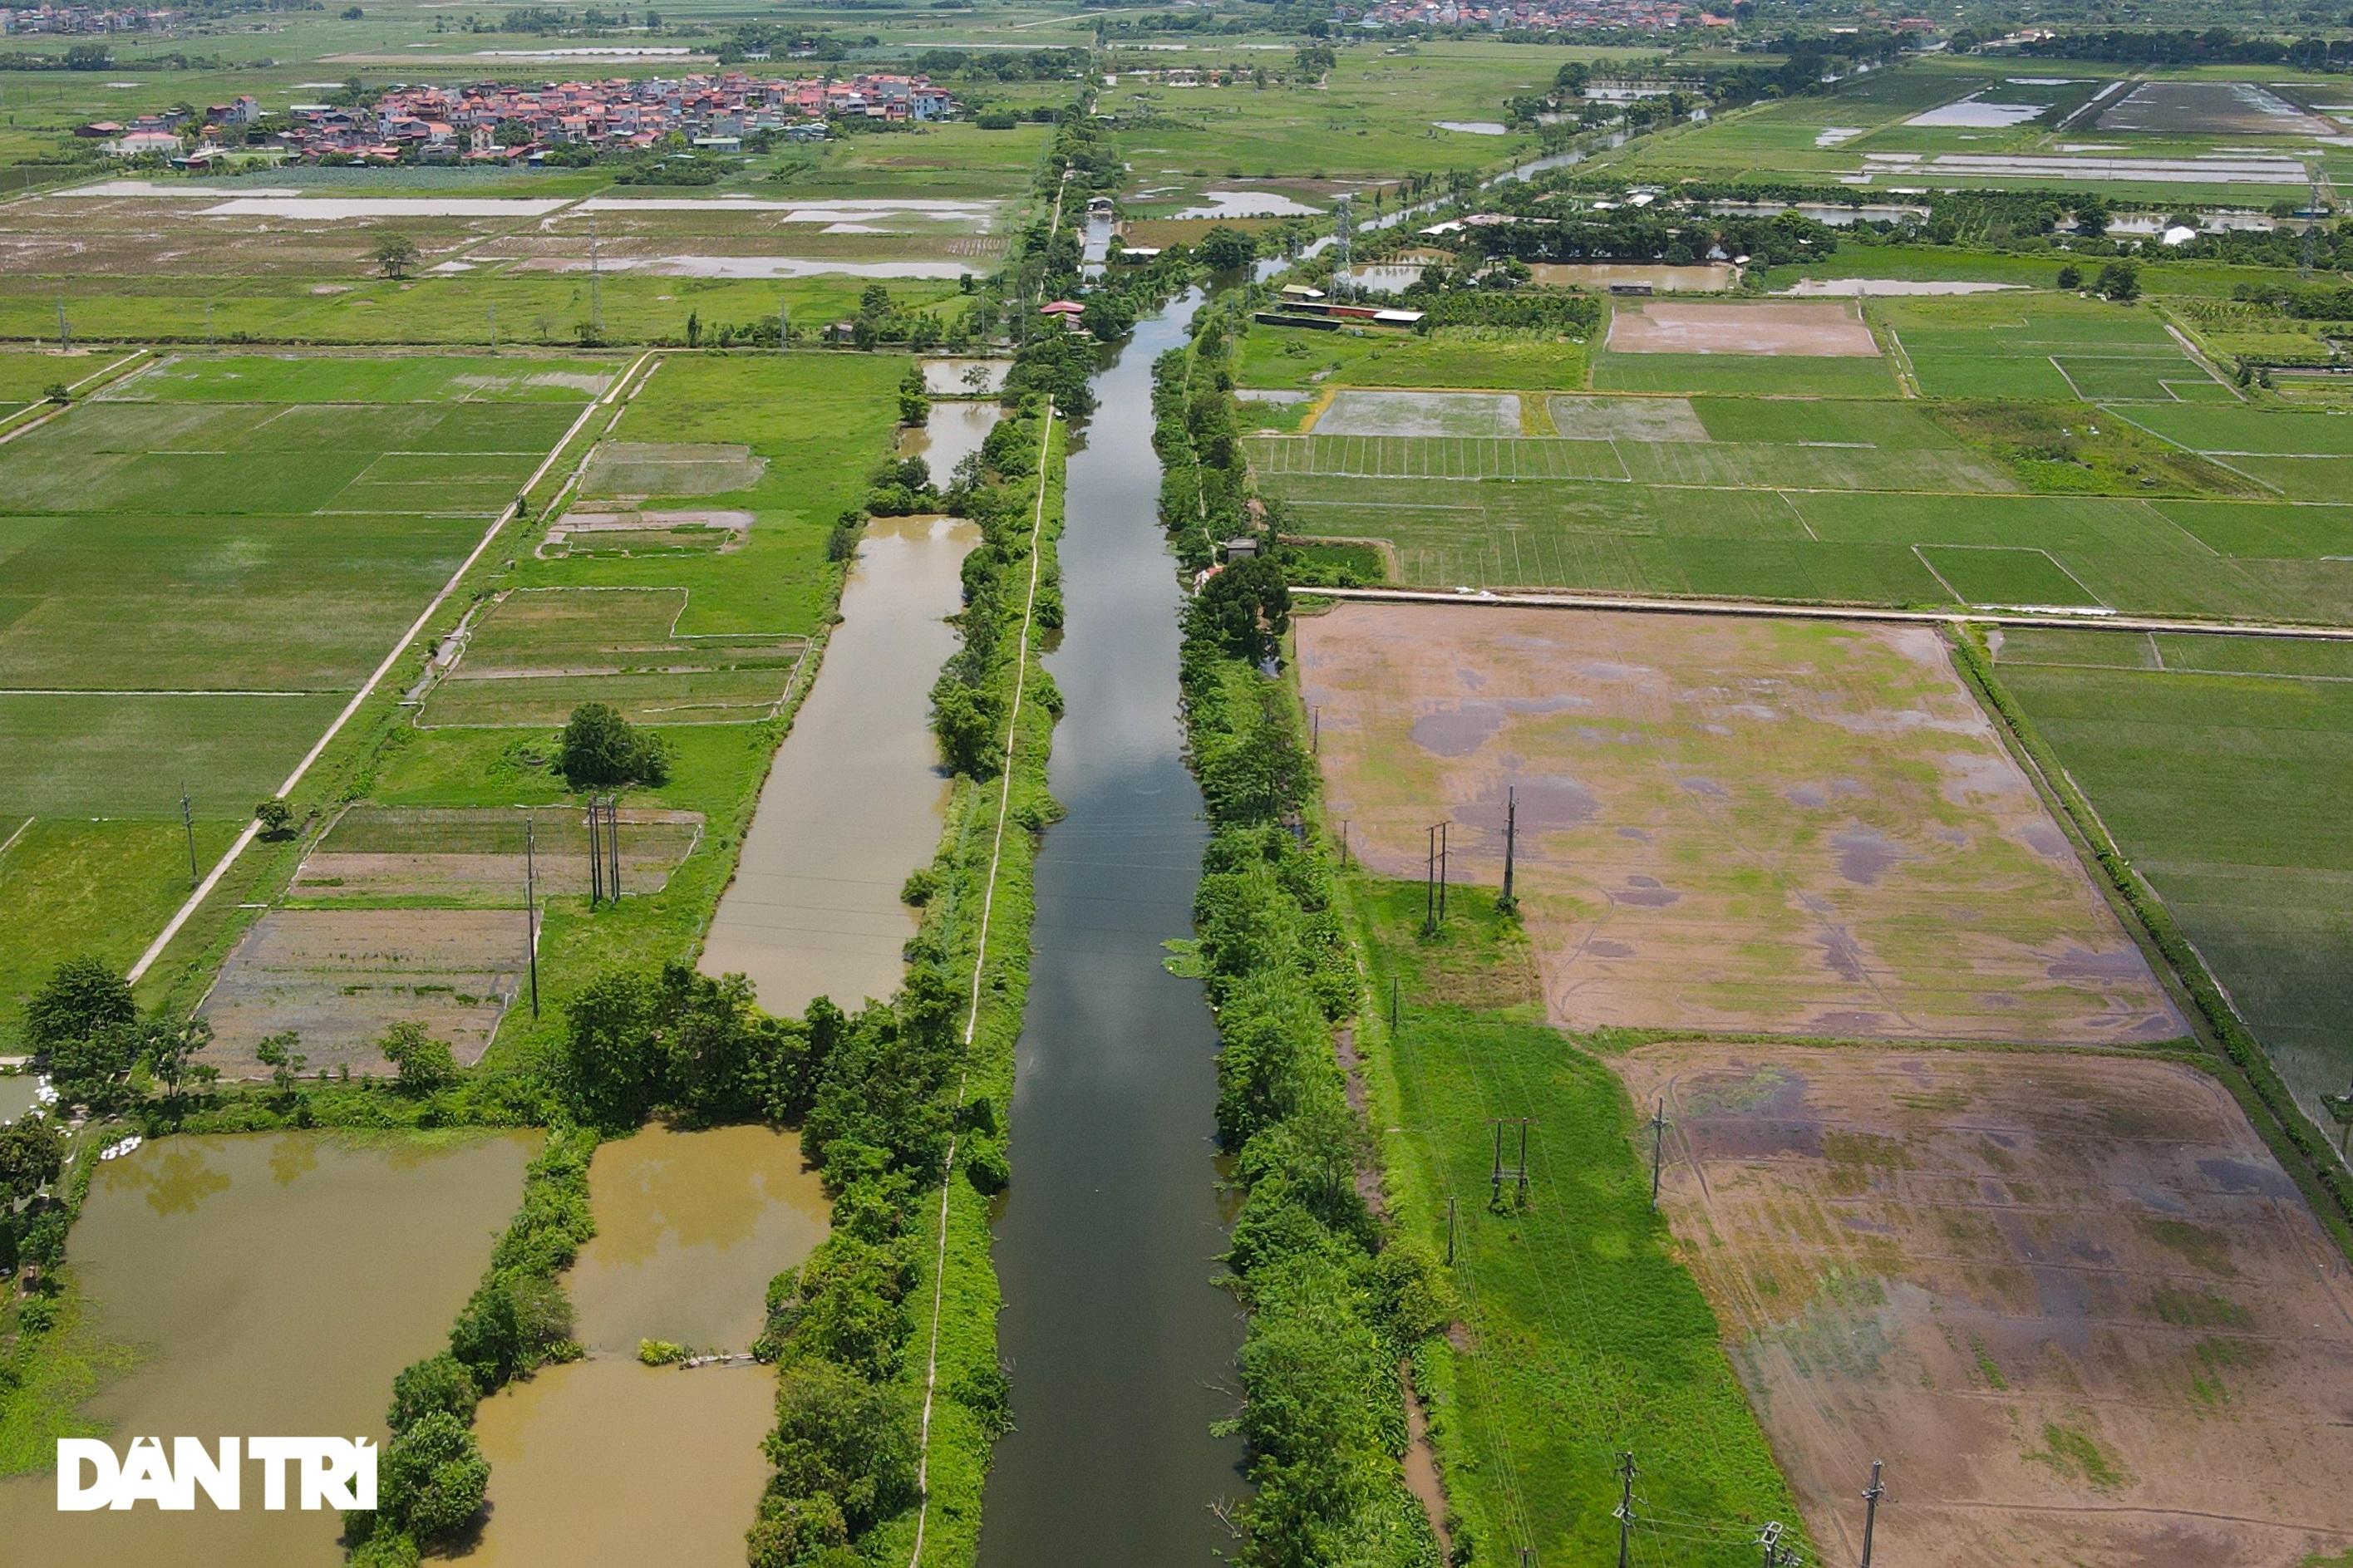 Hiện trạng những khu công nghiệp ở ngoại thành Hà Nội - 8